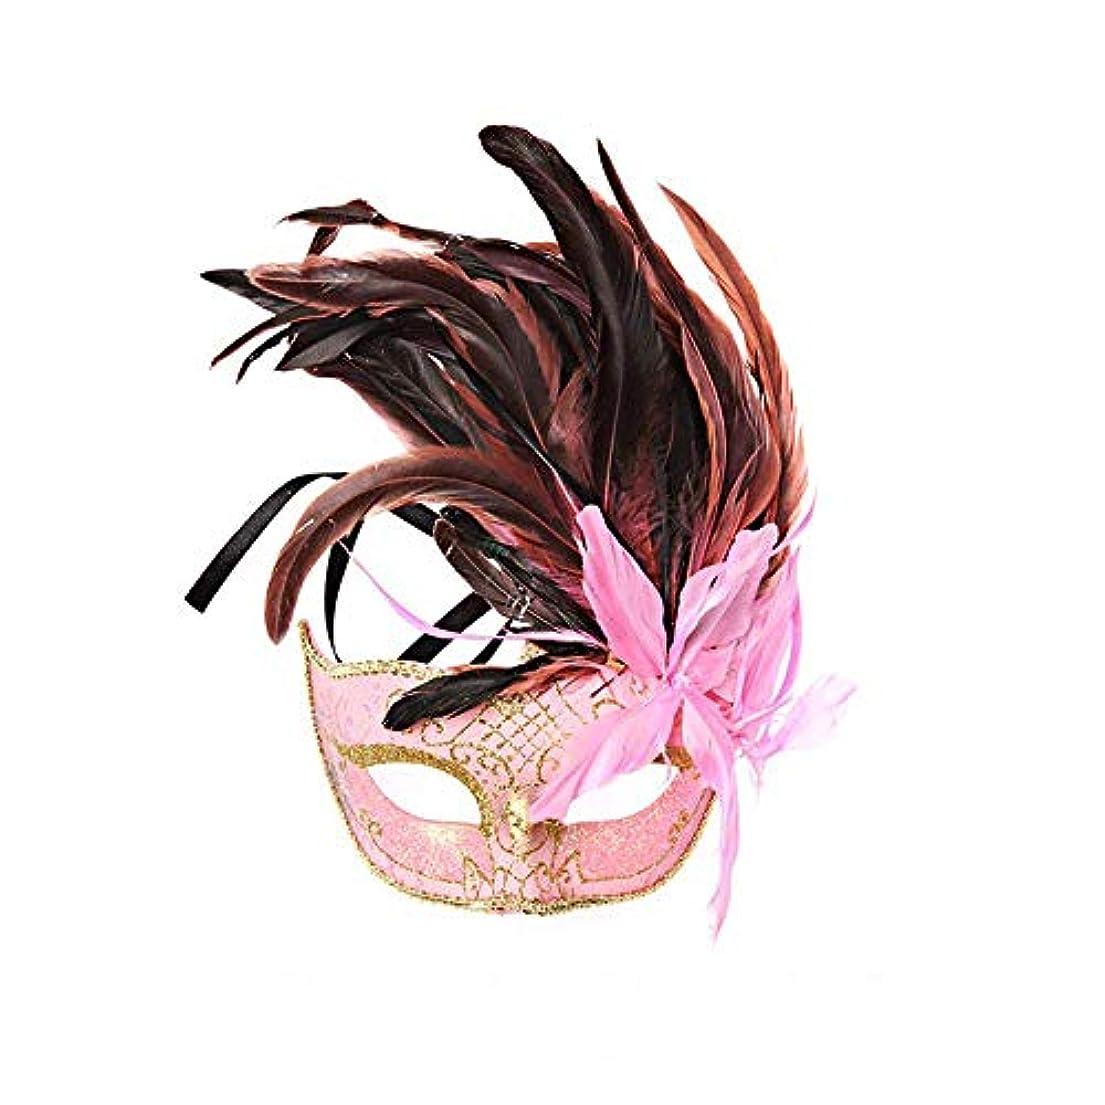 かかわらずエリート肘掛け椅子Nanle ハロウィンマスクハーフフェザーマスクベニスプリンセスマスク美容レース仮面ライダーコスプレ (色 : Style A pink)